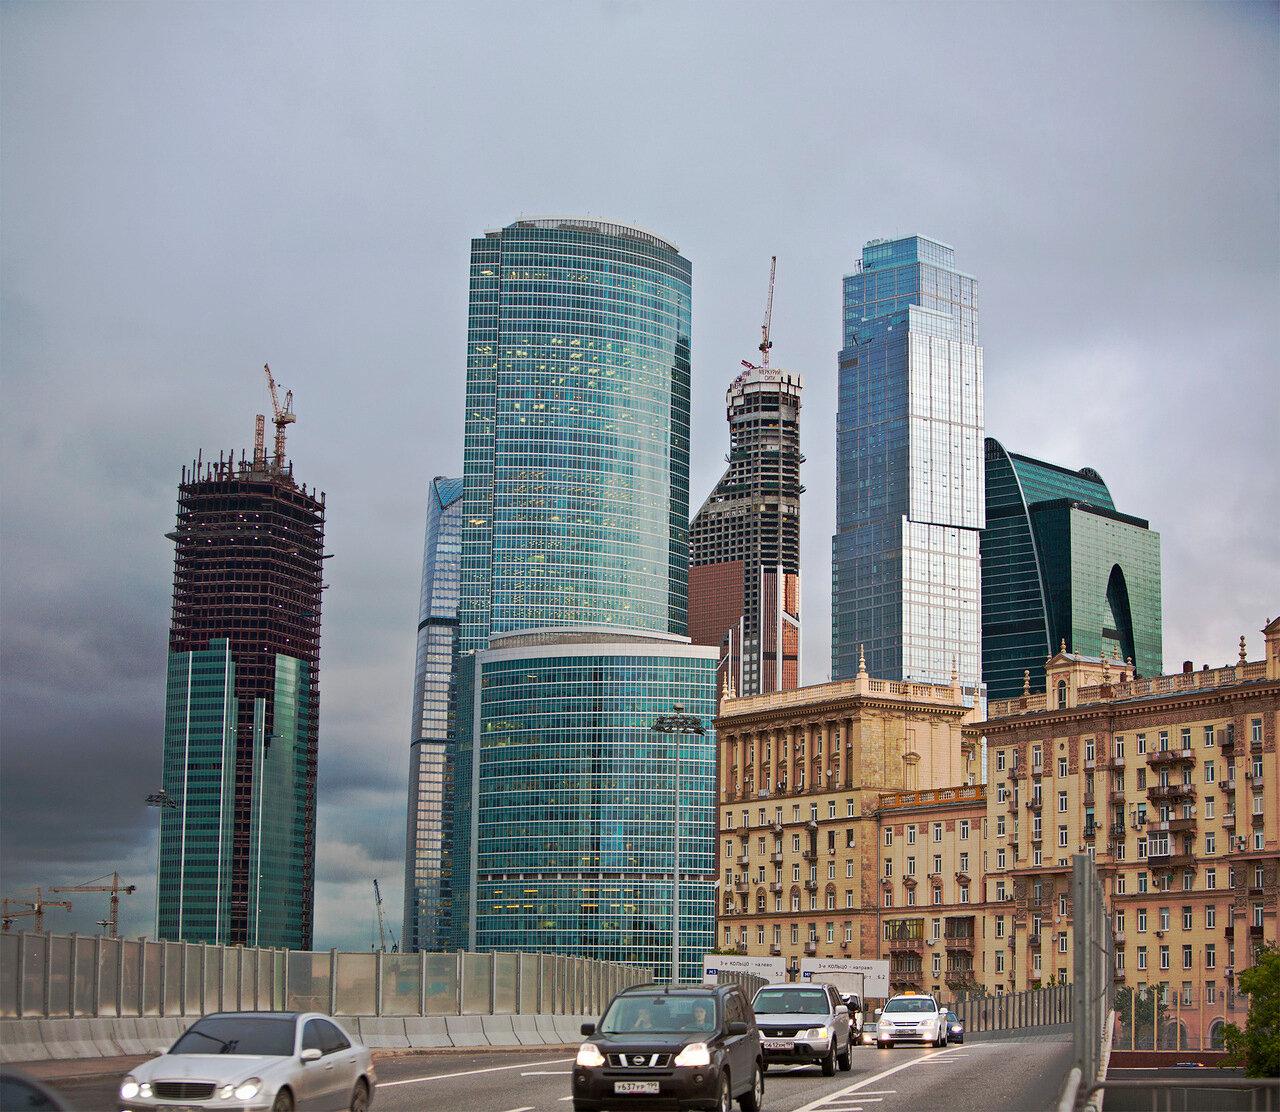 http://img-fotki.yandex.ru/get/6312/88584334.47/0_847af_bcf3da8f_XXXL.jpg